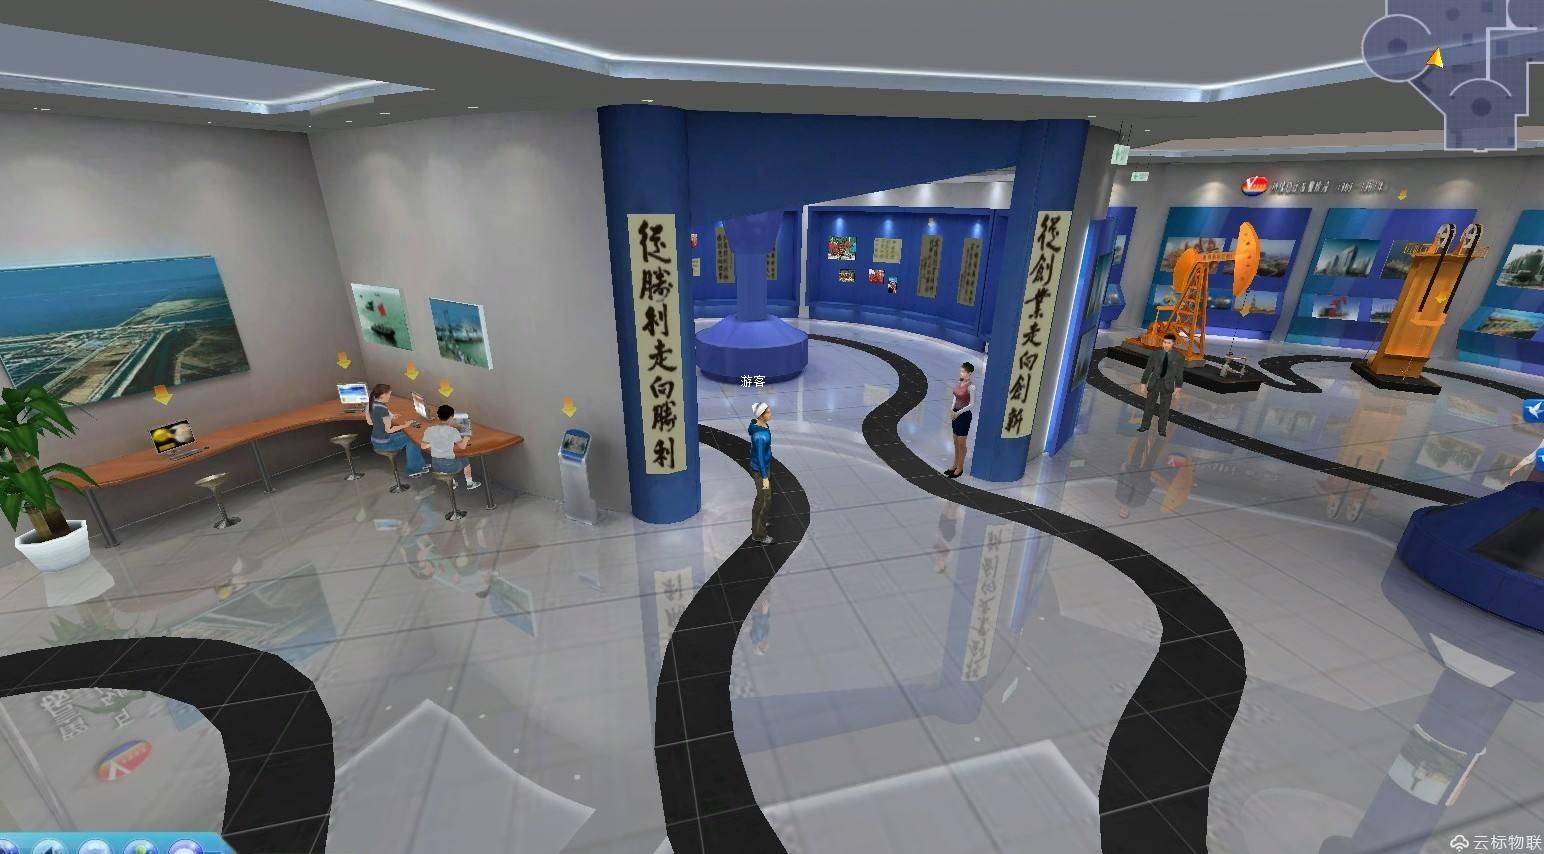 室内虚拟三维漫游导航